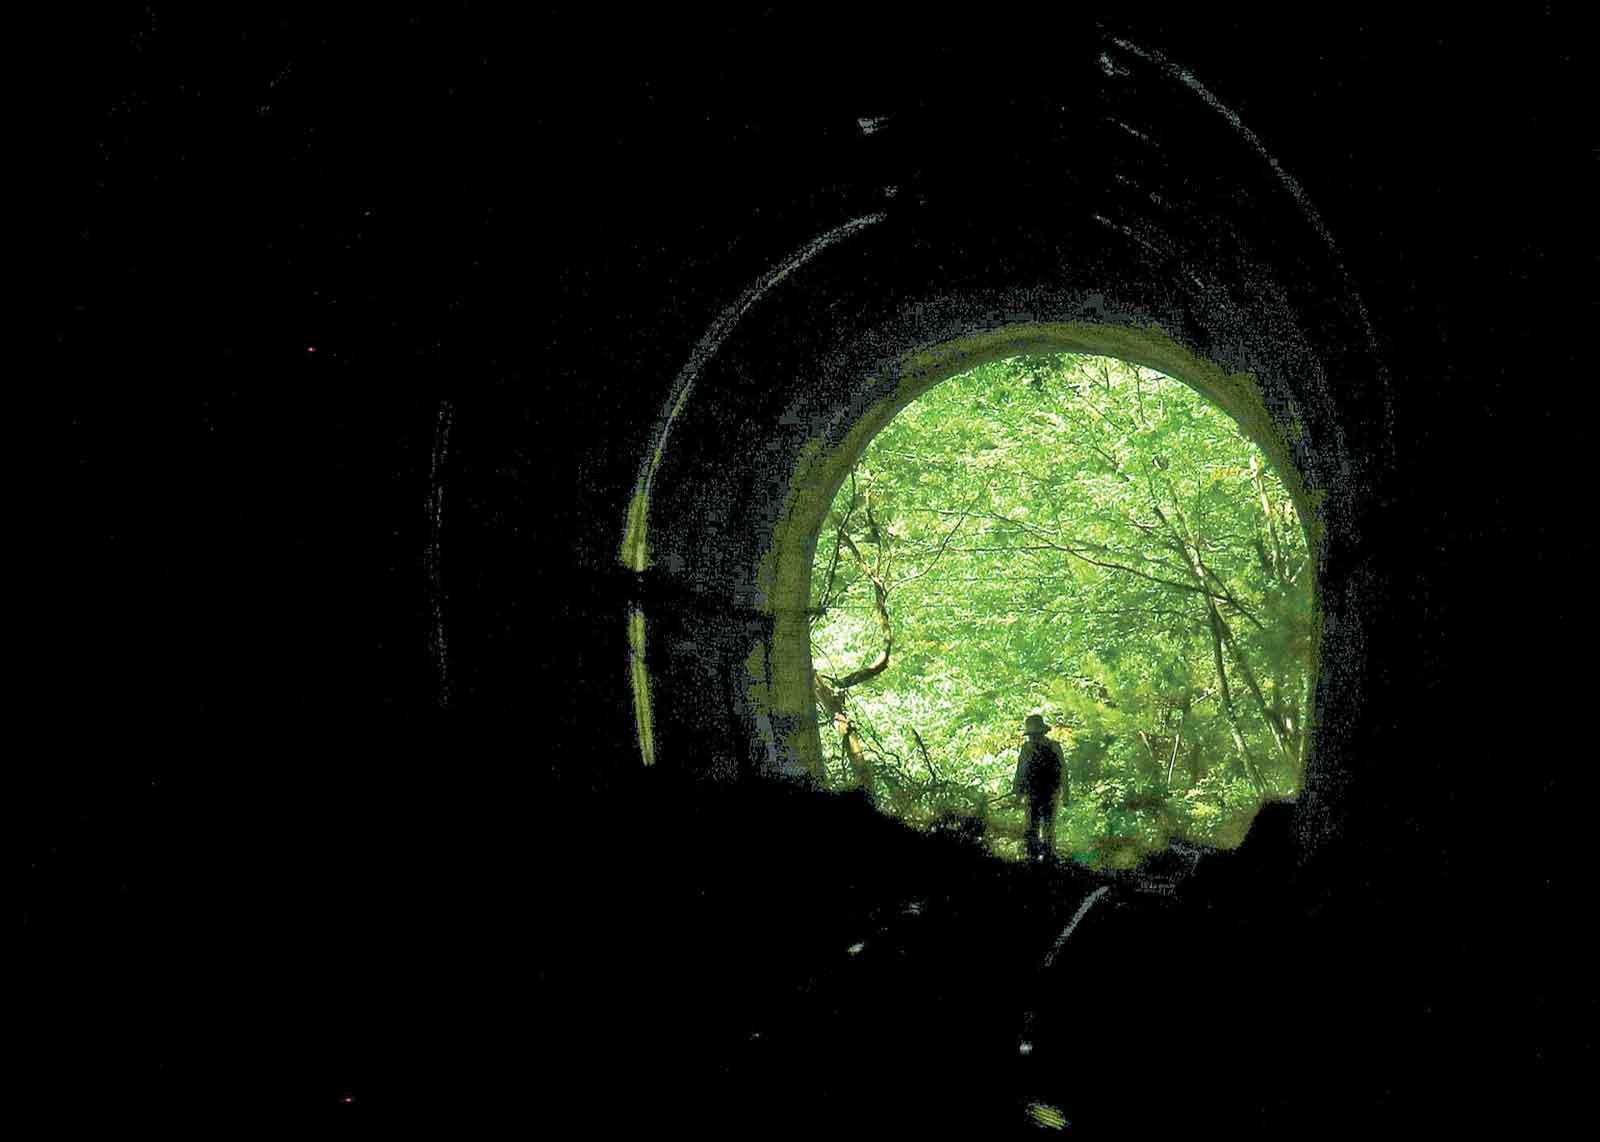 昭和27年建設の資材運搬用電車トンネル